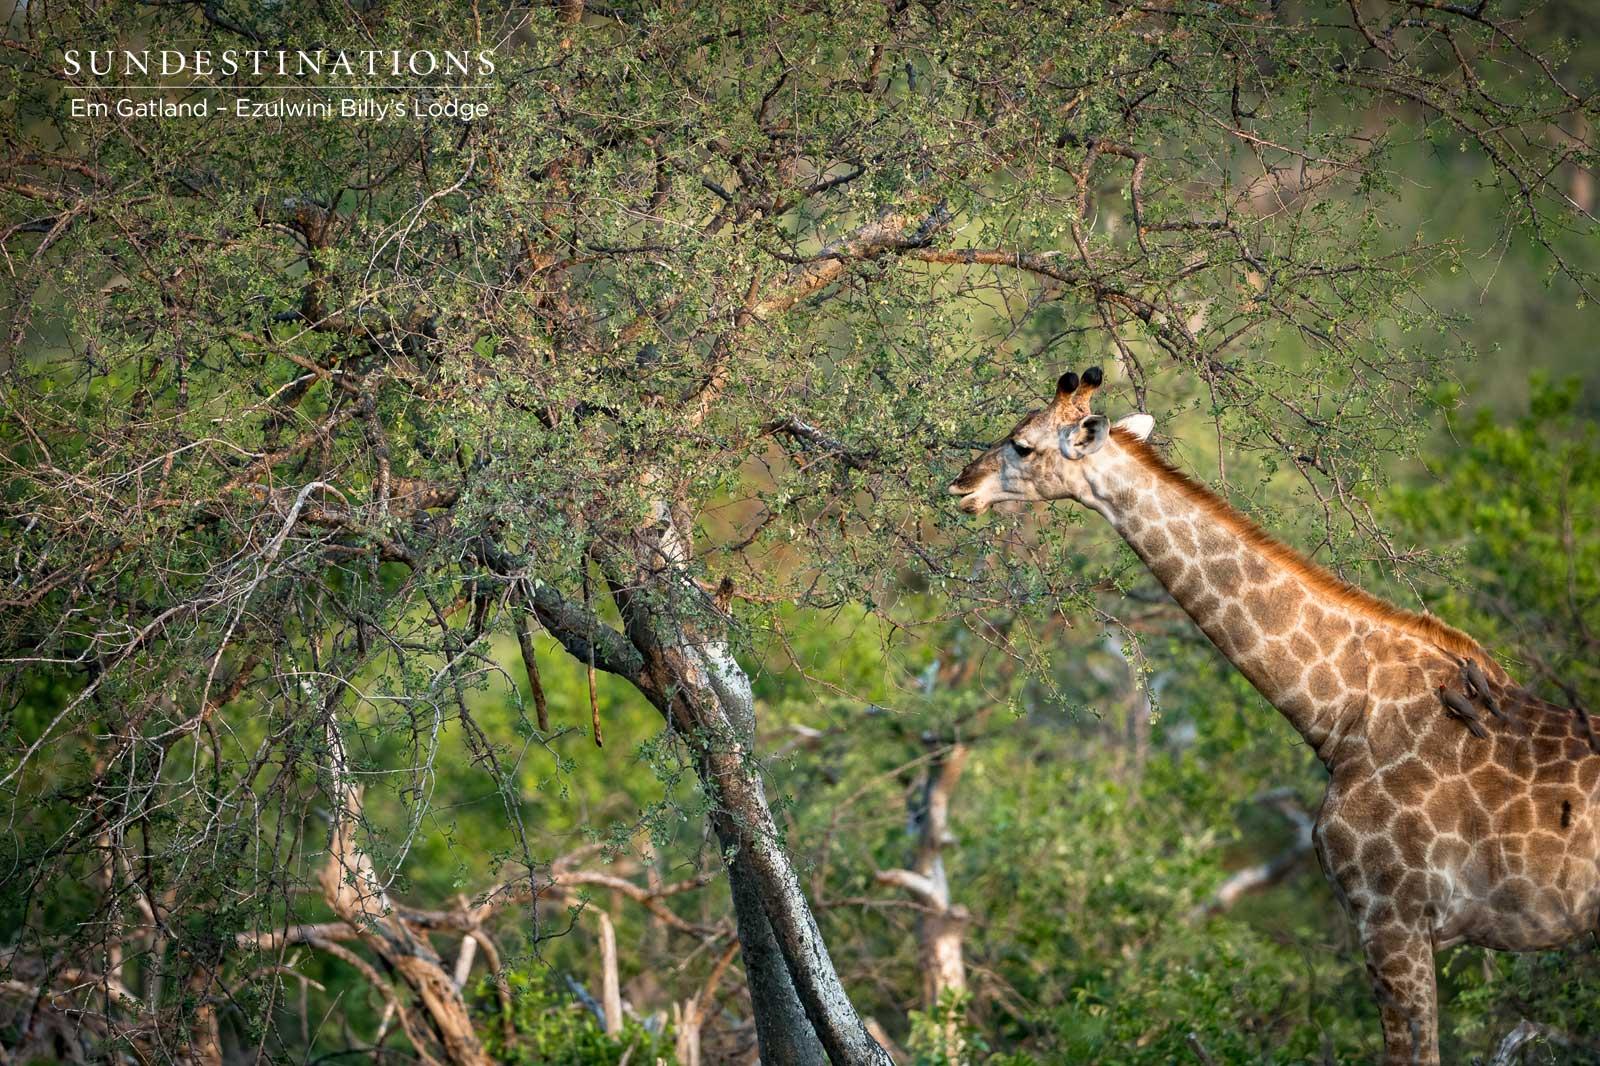 Ezulwini Giraffe